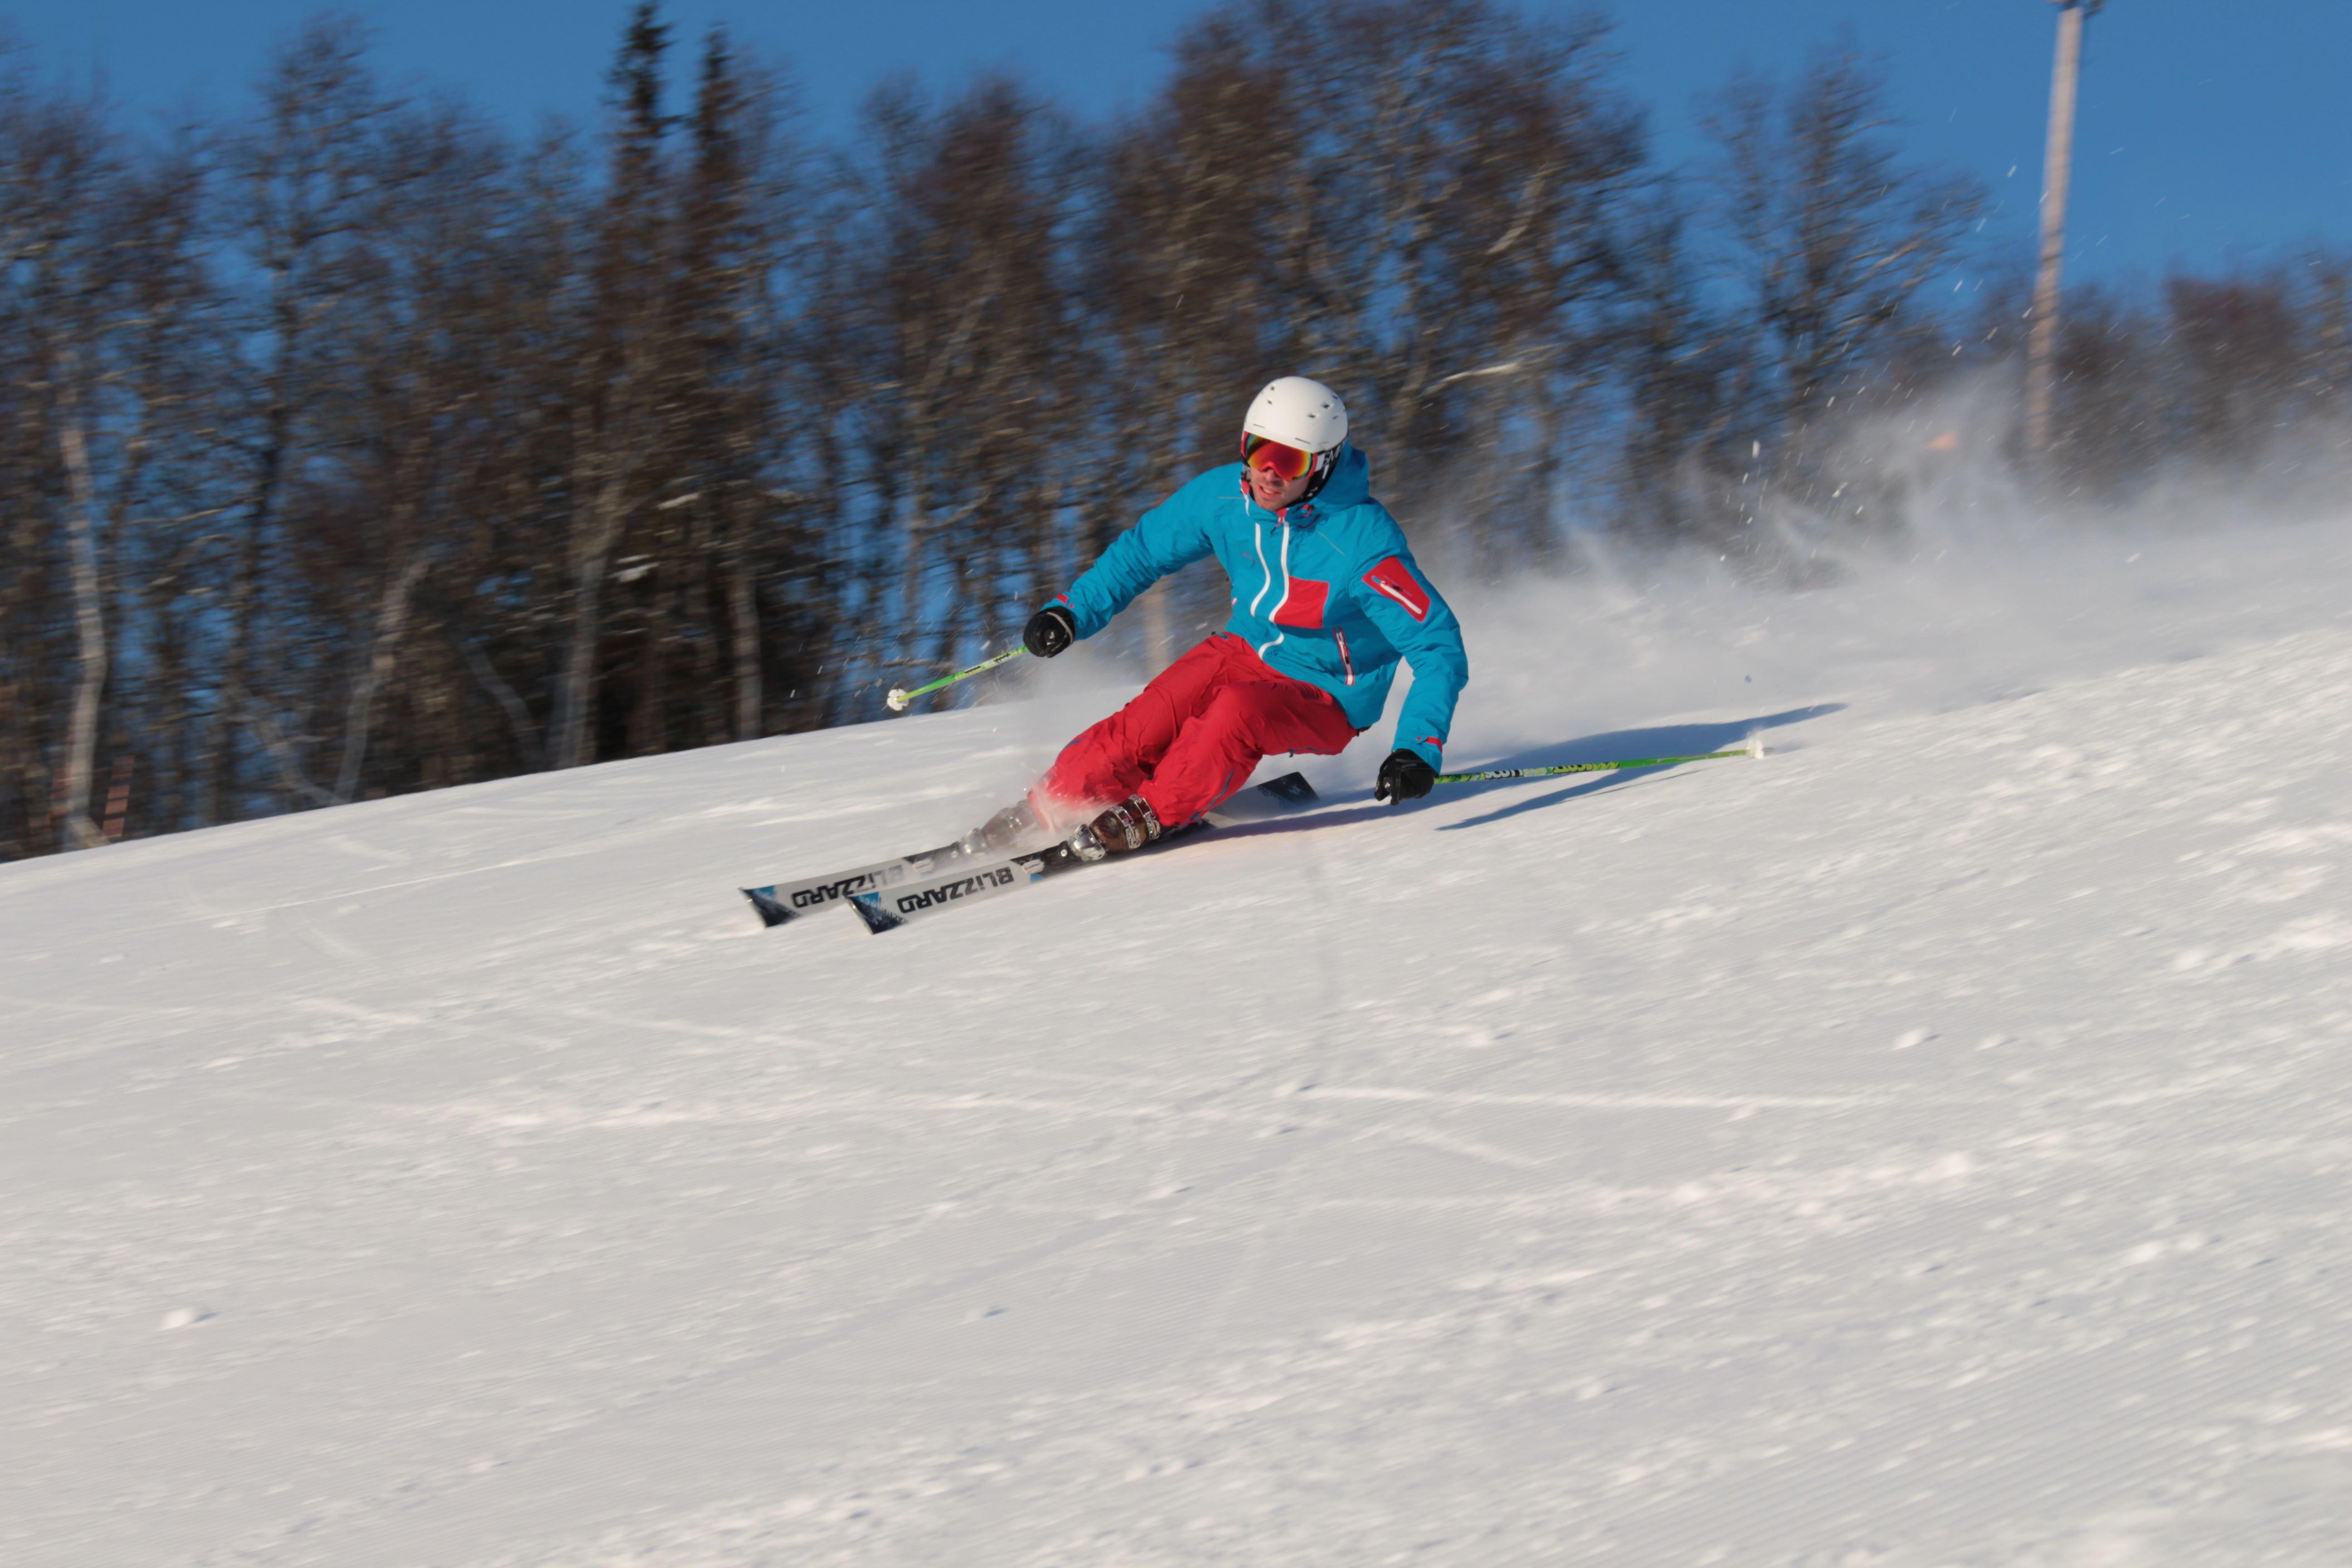 Boka en privatlektion på skidor, telemark eller snowboard